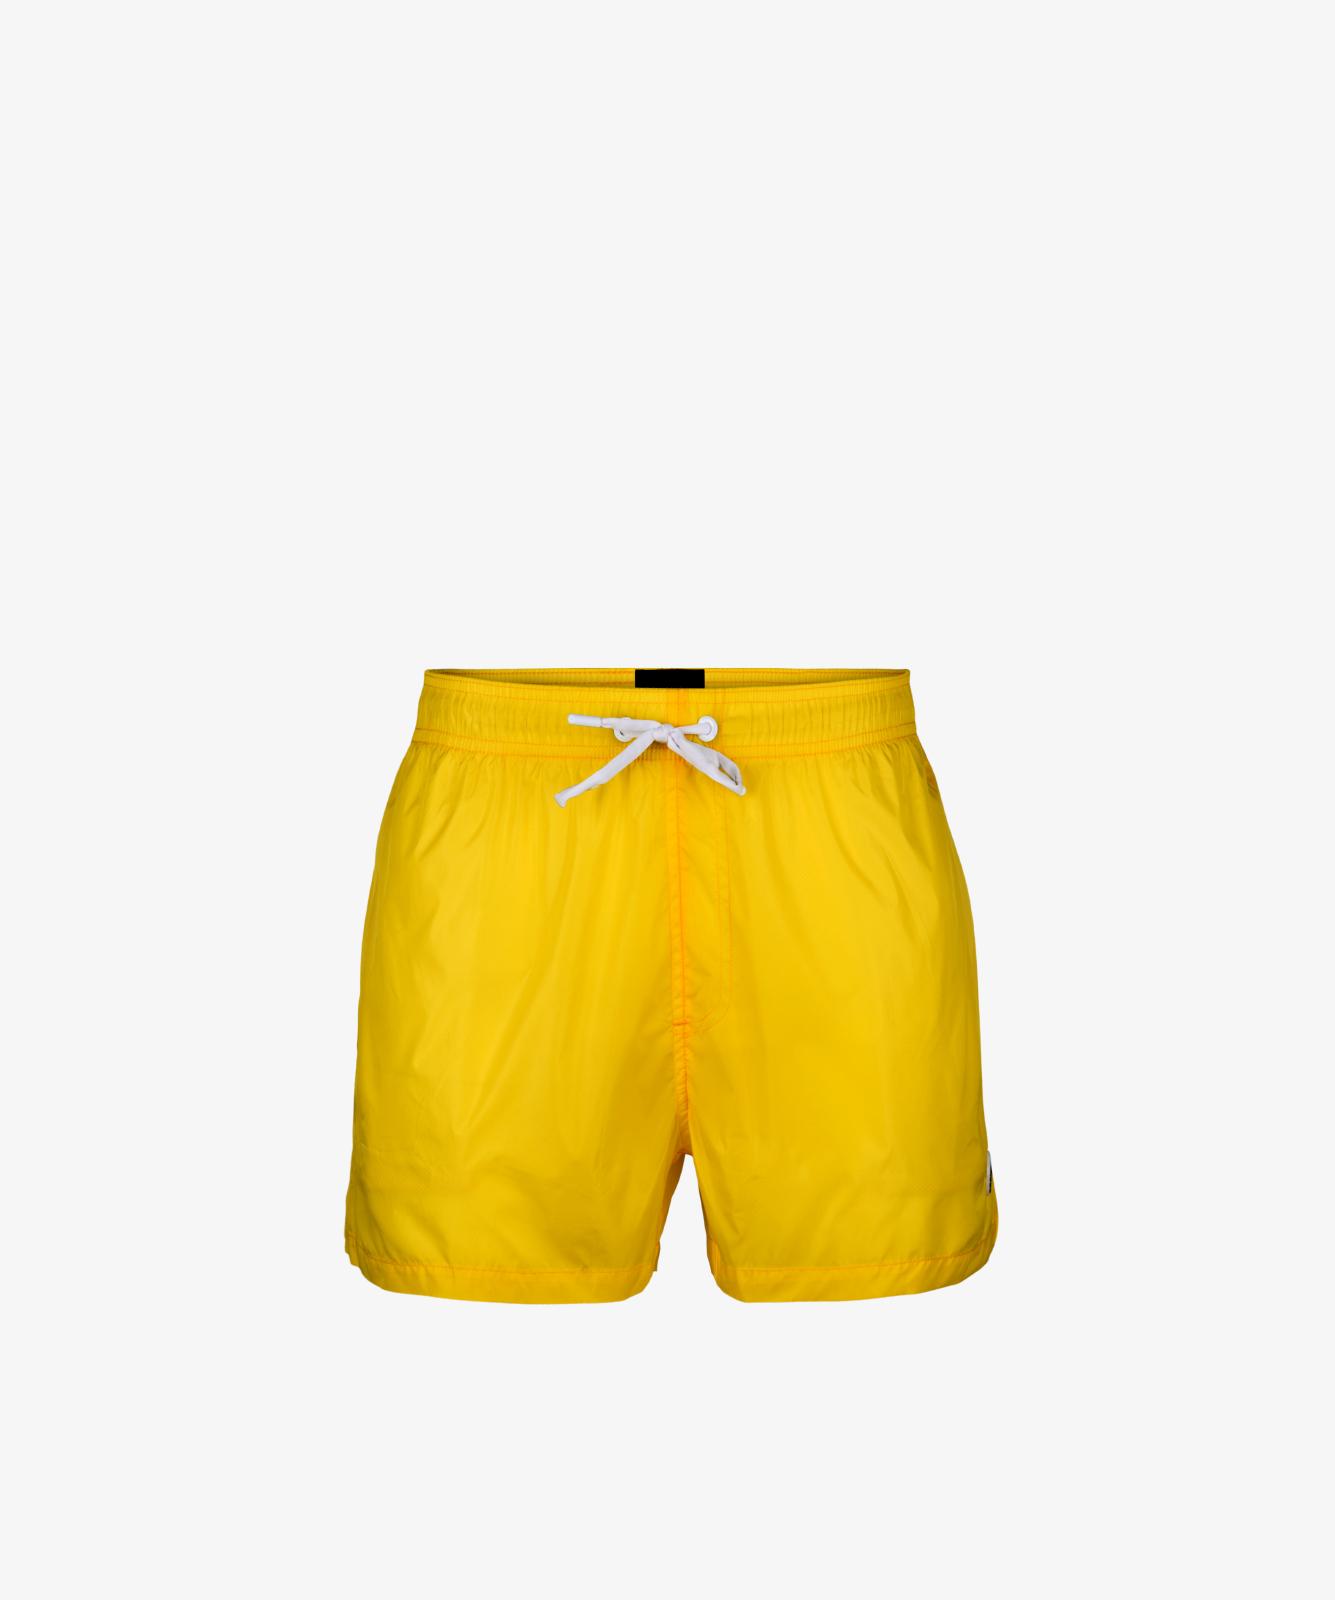 Пляжные шорты мужские Atlantic, 1 шт. в уп., полиэстер, желтые, KMB-188